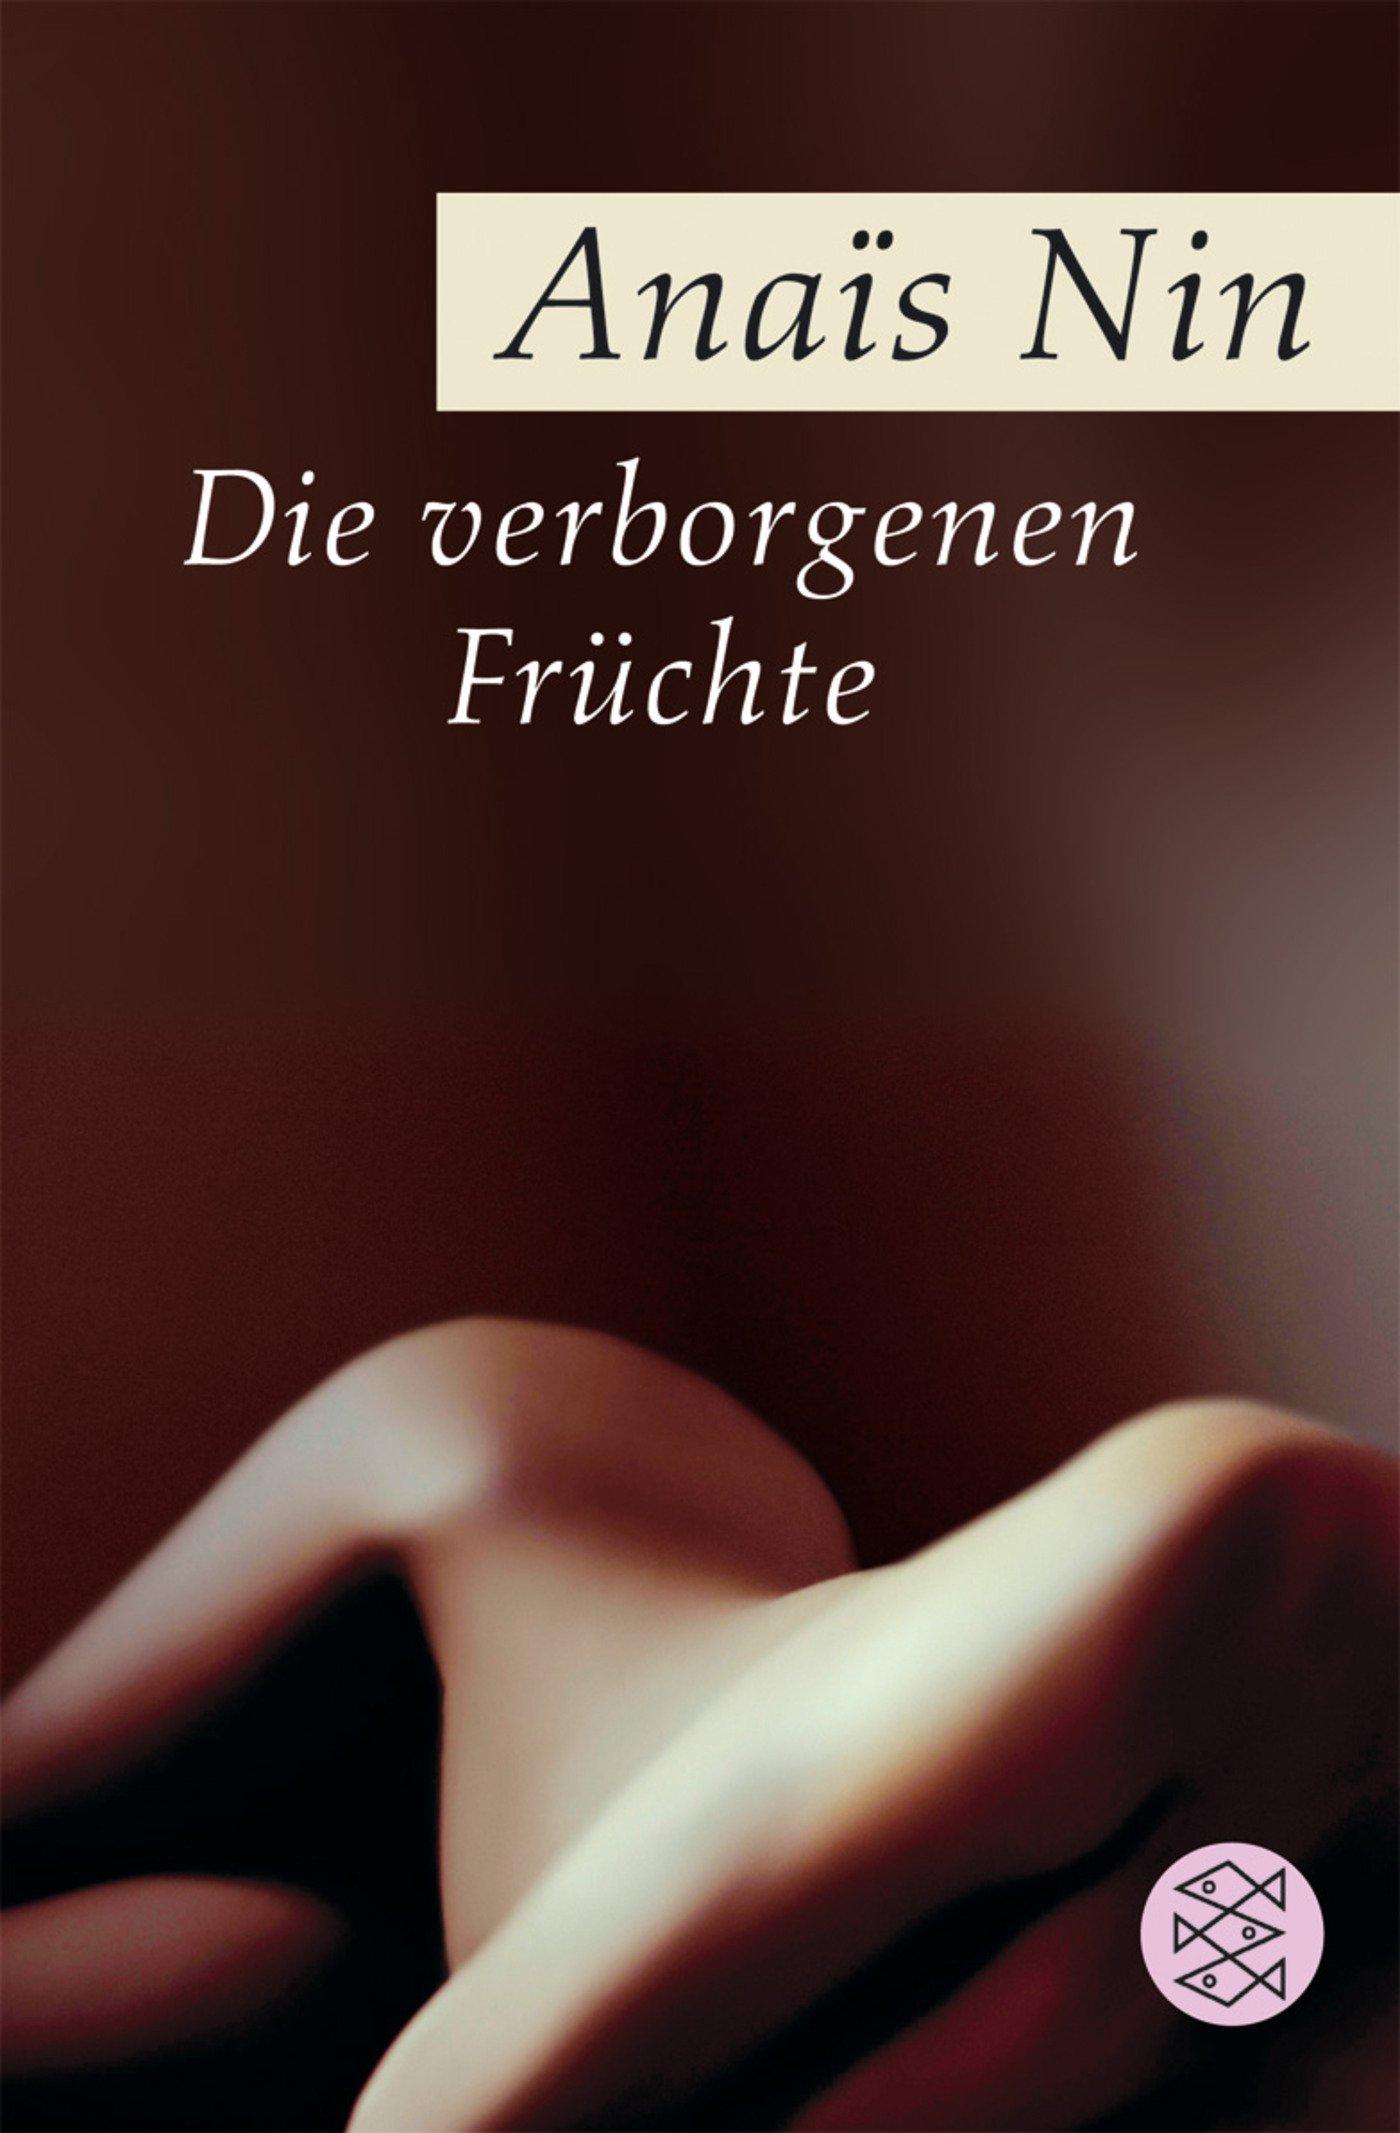 Die verborgenen Früchte: Erotische Erzählungen Taschenbuch – 1. Februar 2005 Anaïs Nin Gisela Stege FISCHER Taschenbuch 3596164052